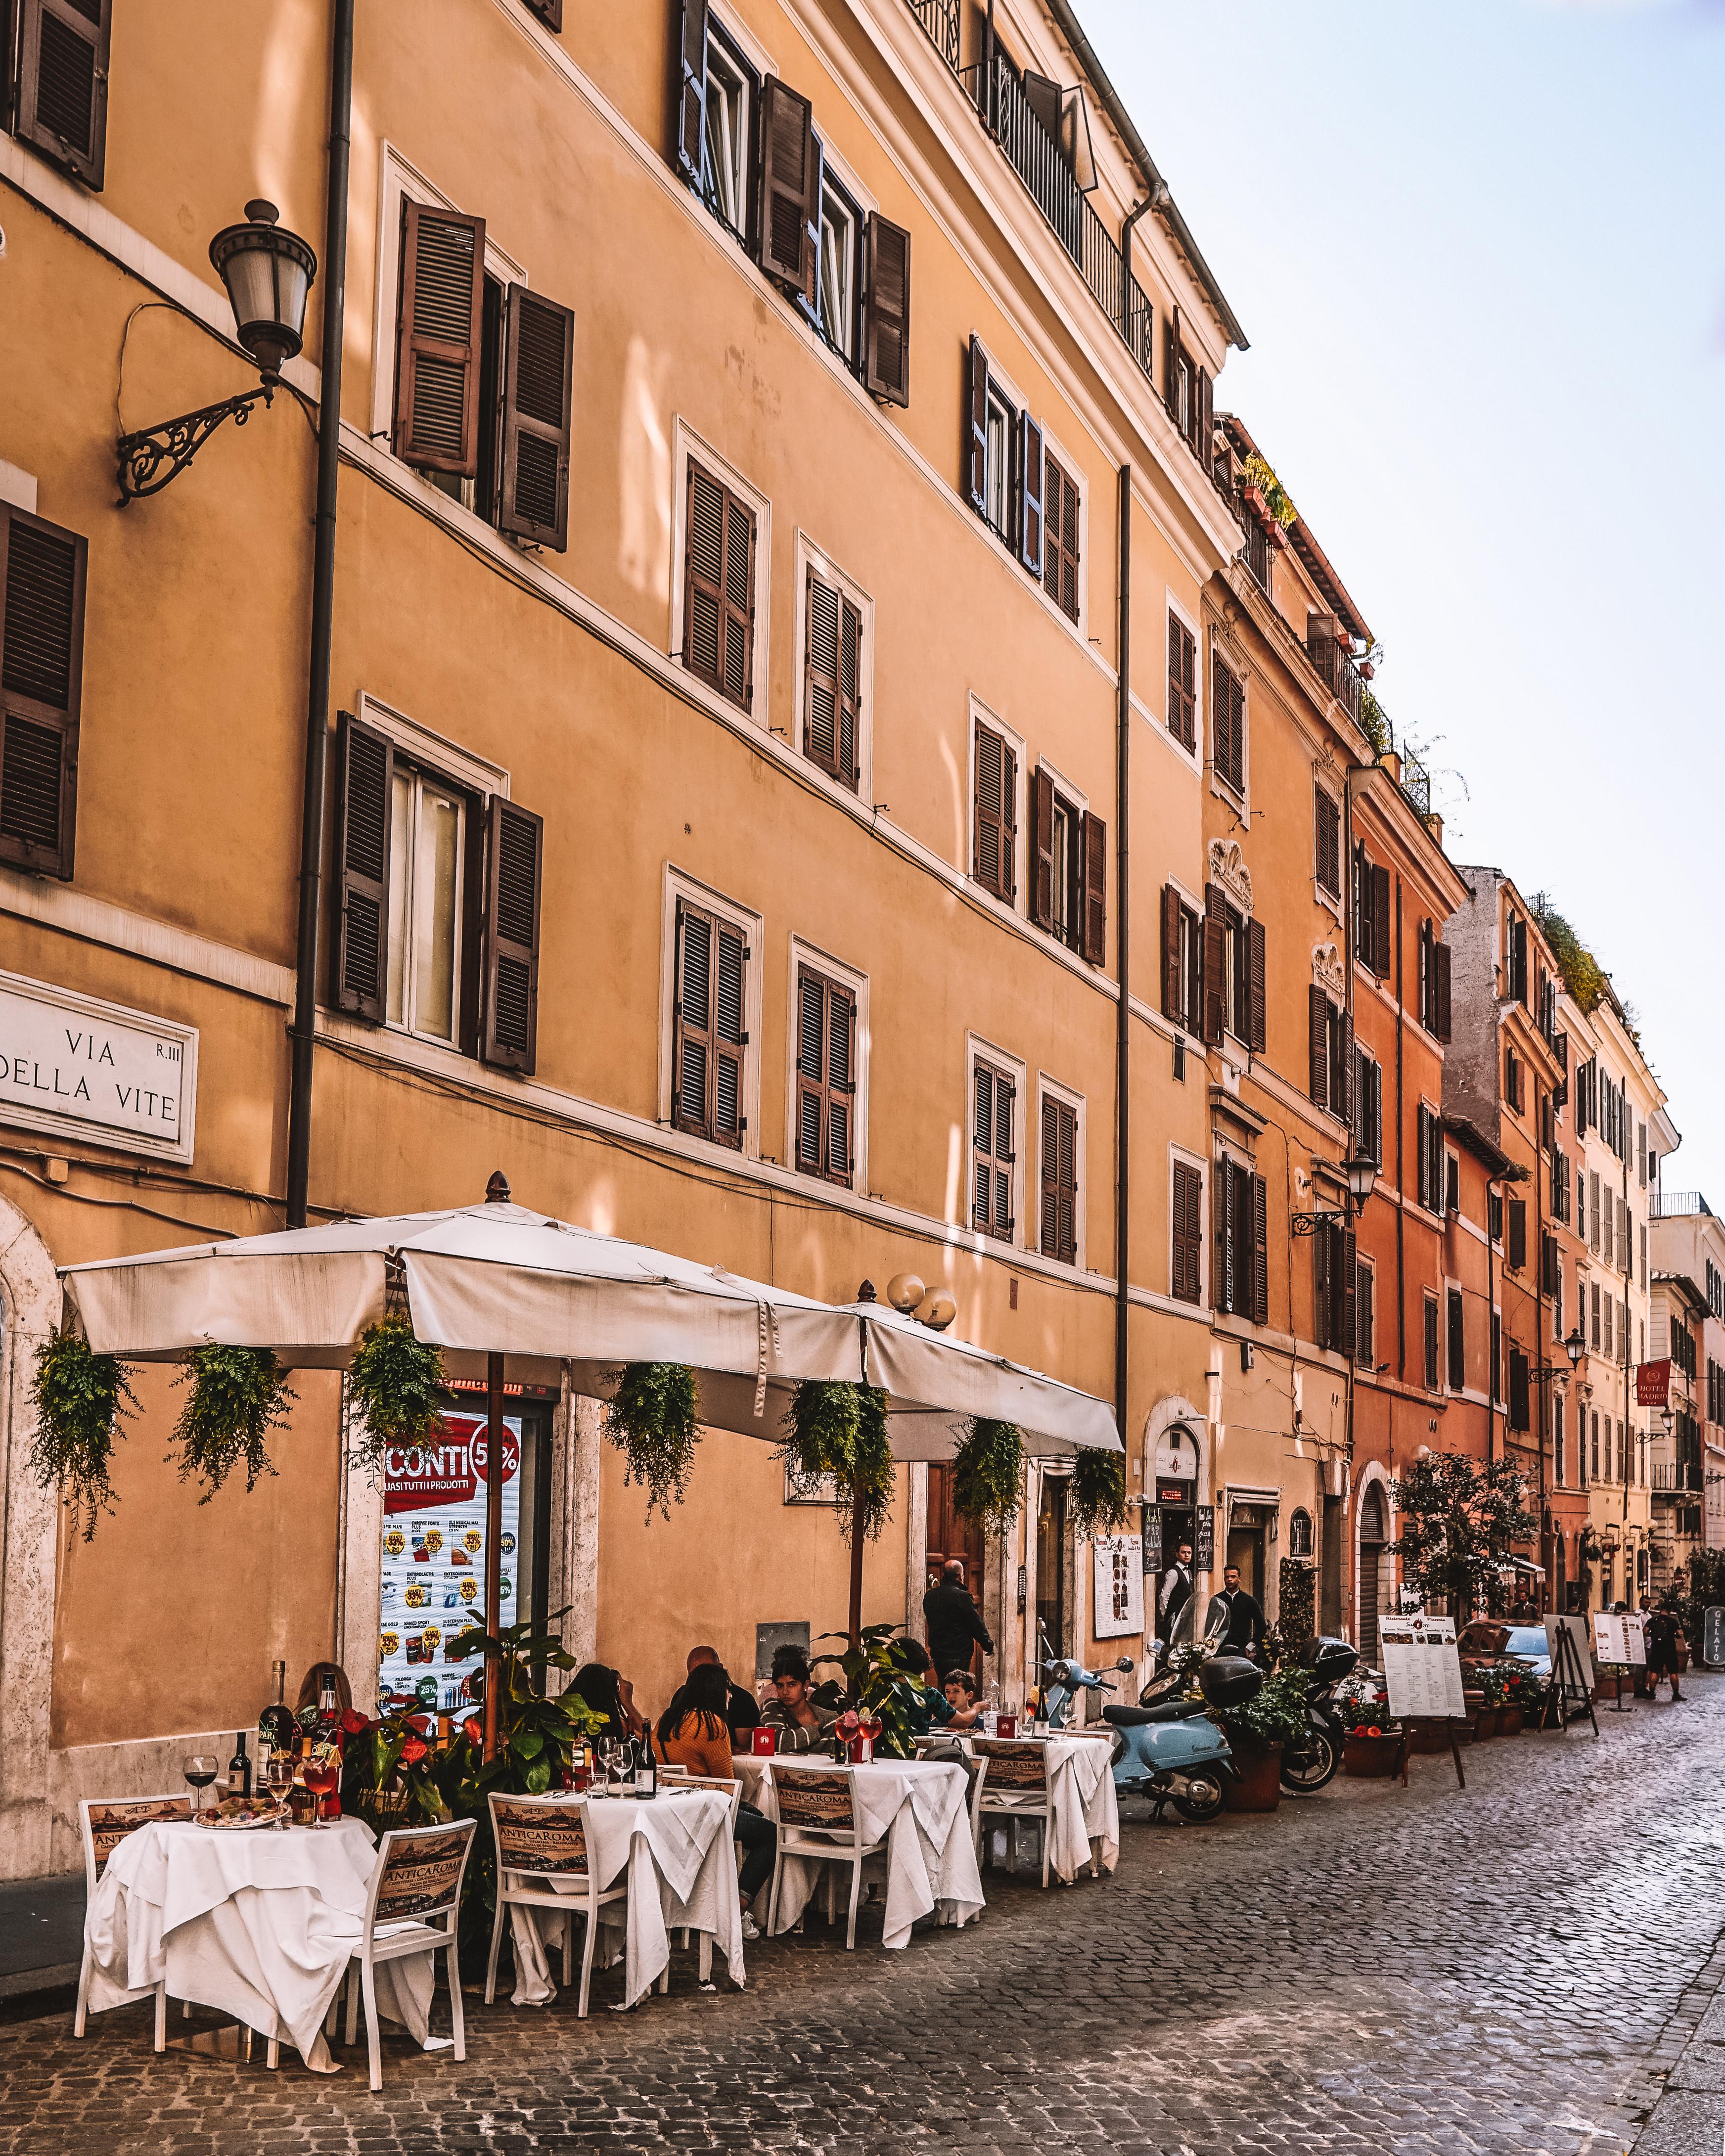 Walking through Rome, Italy